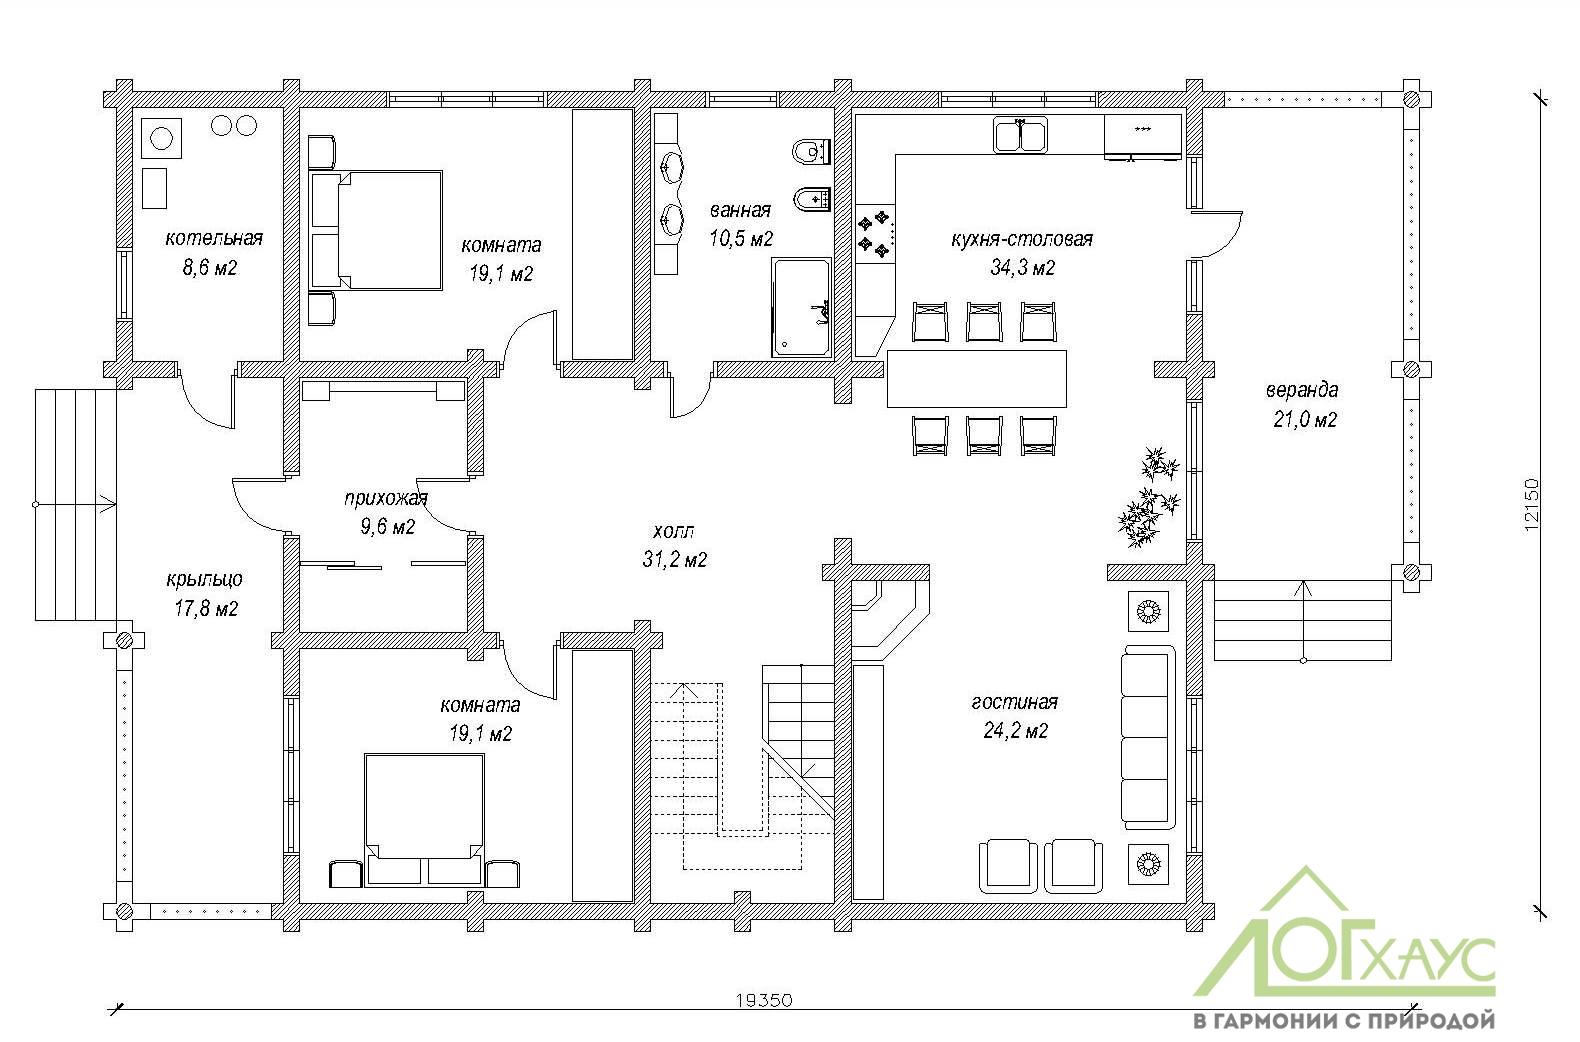 Первый этаж дома 400м2